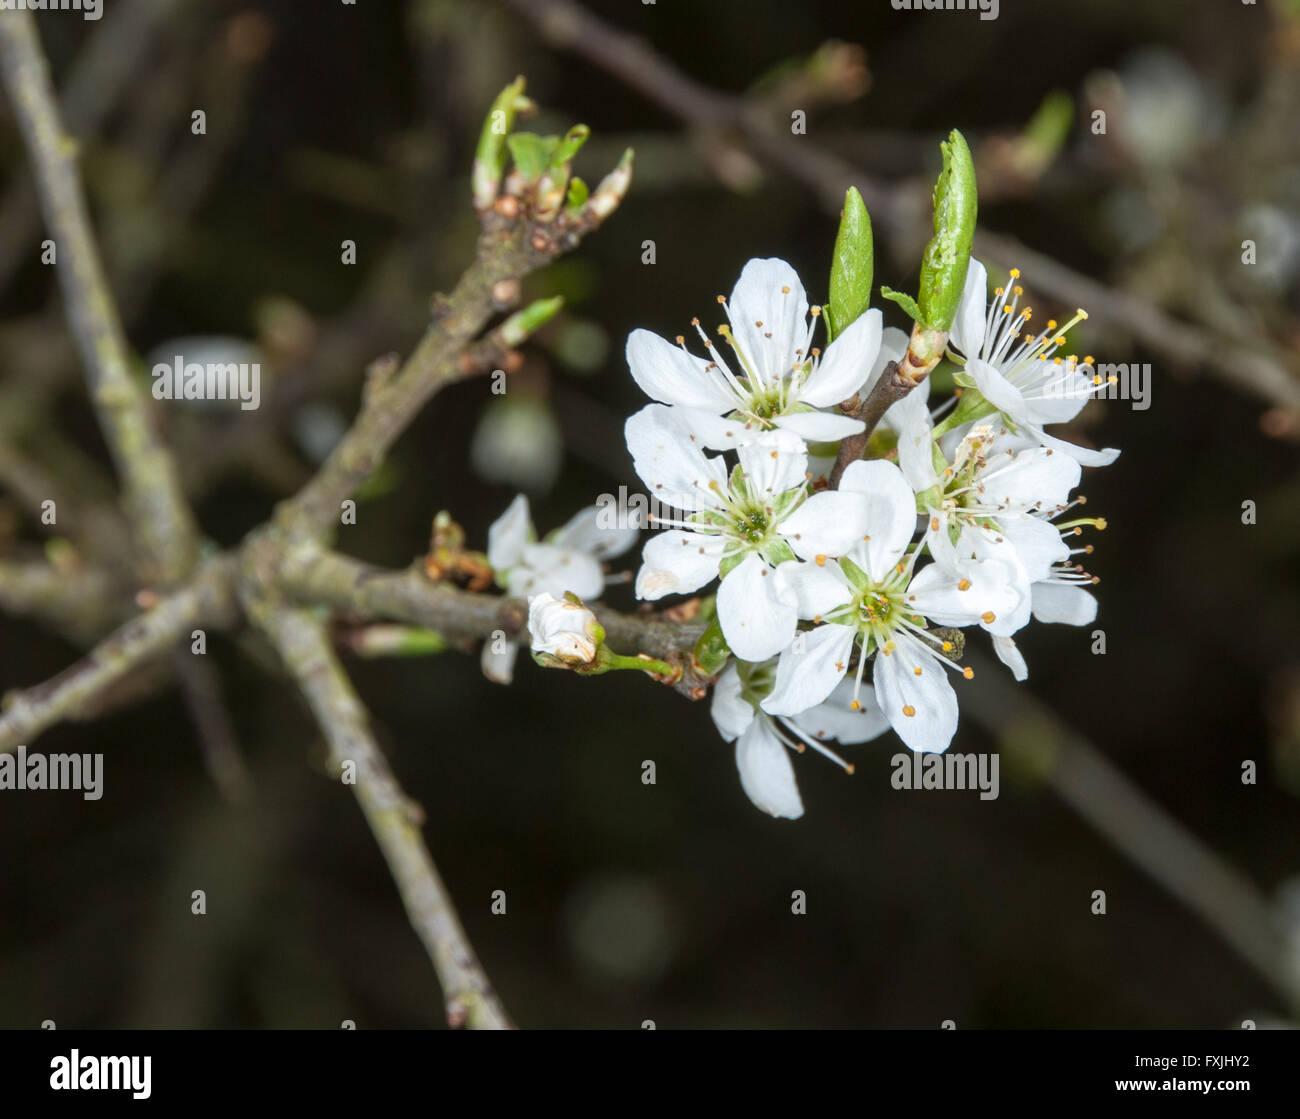 Twig of flowering blackthorn, Prunus spinosa, in spring - Stock Image